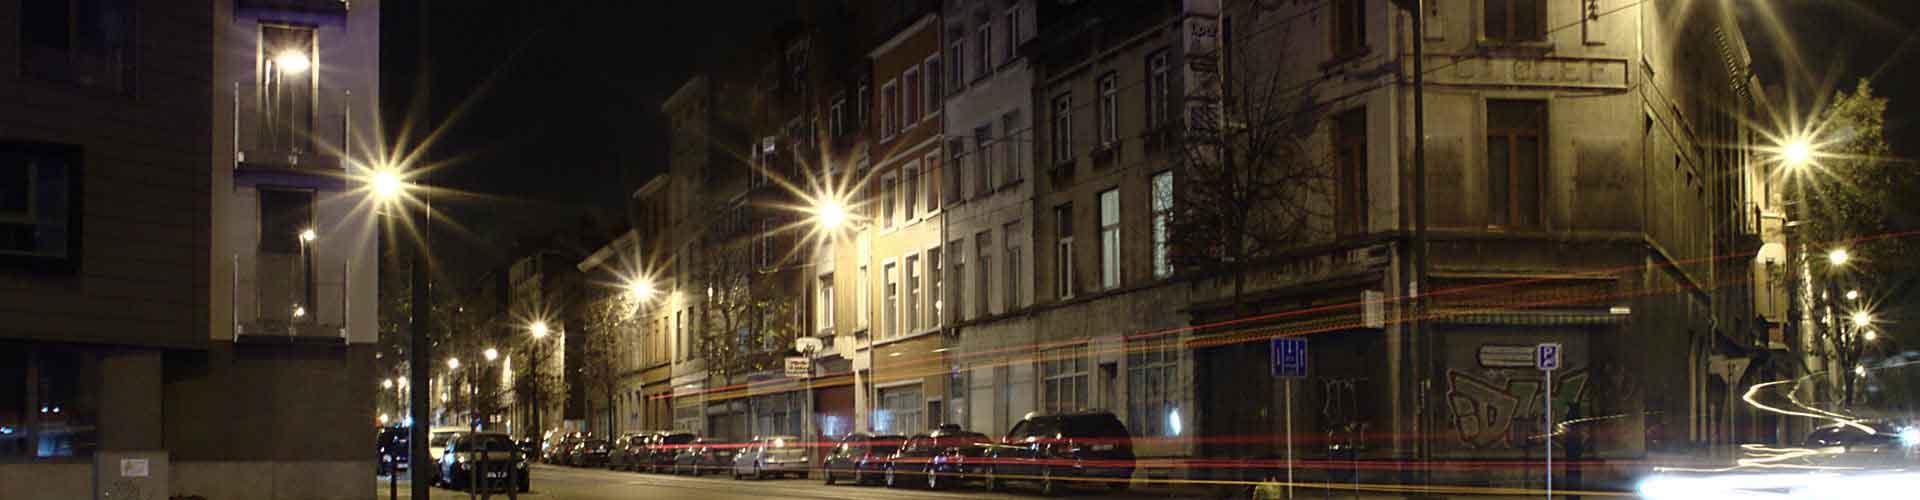 Bruxelles – Appartamenti nella zona Molenbeek-Saint-Jean. Mappe per Bruxelles, Foto e  Recensioni per ogni Appartamento a Bruxelles.